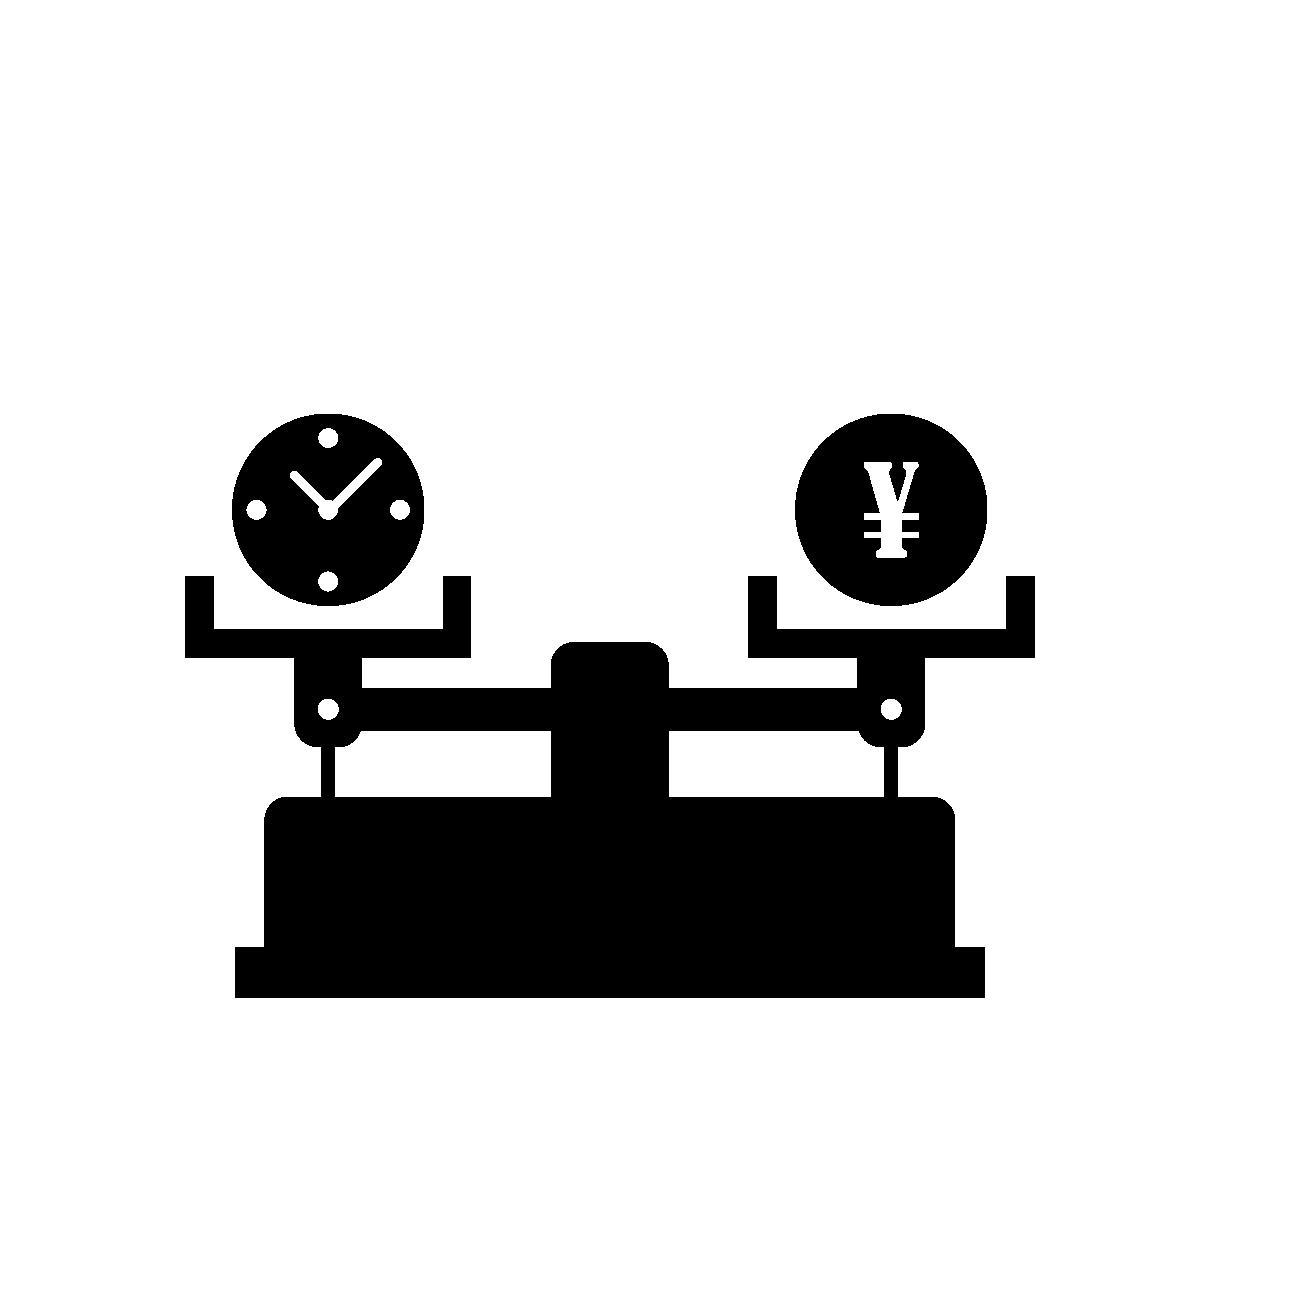 """社保審医療保険部会:生活習慣病治療薬の費用対効果めぐり医薬品使用指針""""フォーミュラリ""""提示"""